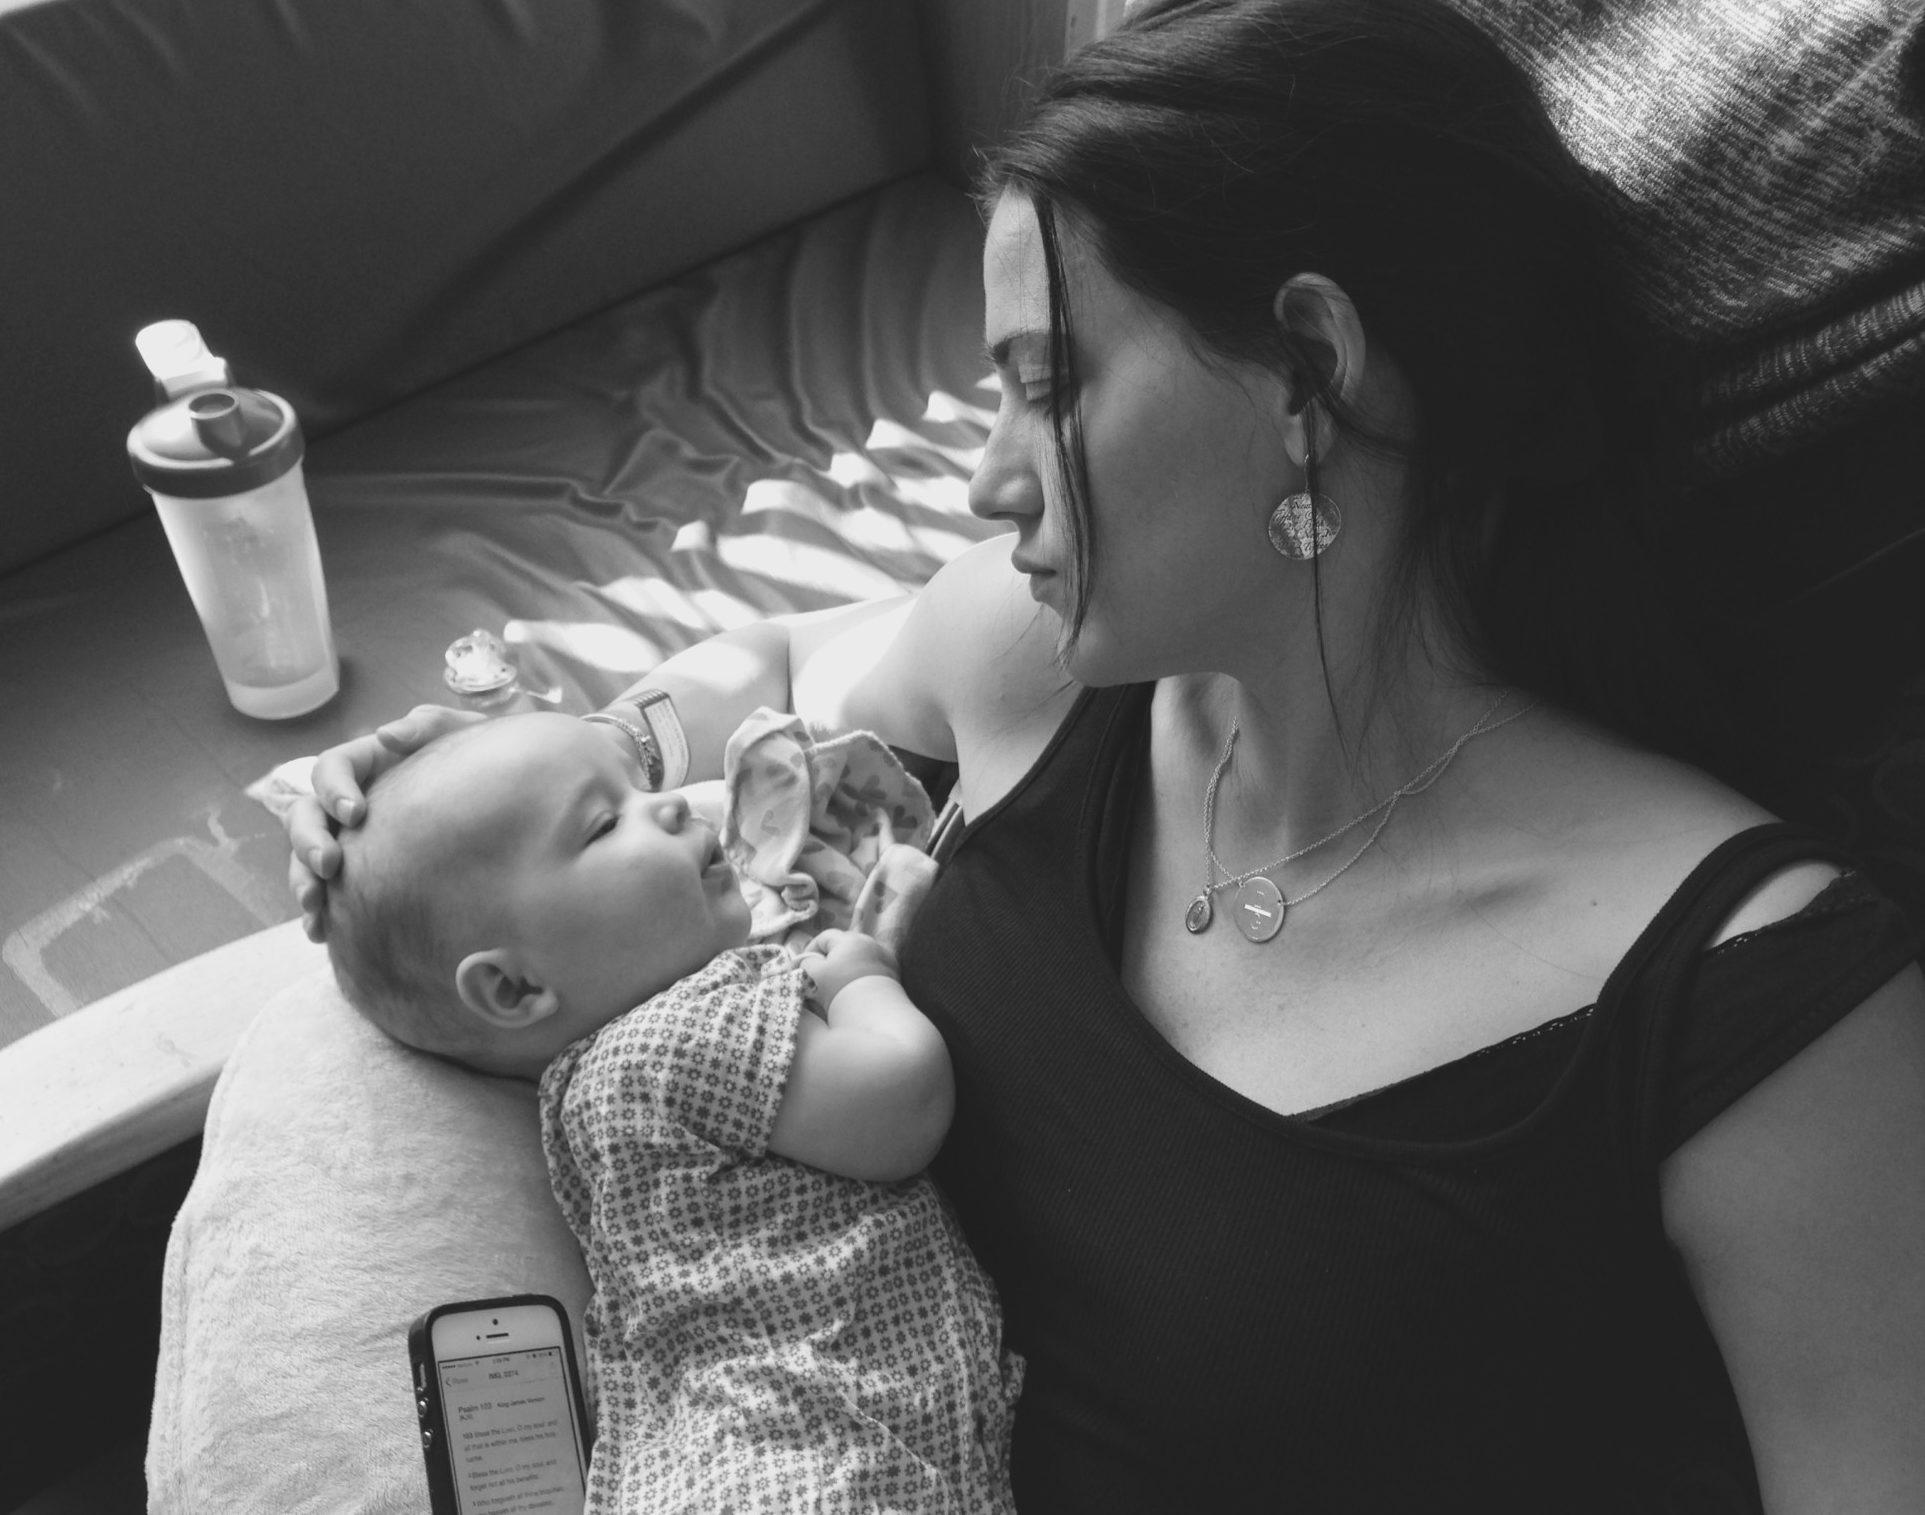 Gianna et sa mère, Kristen Masciantonio © Kristen Masciantonio